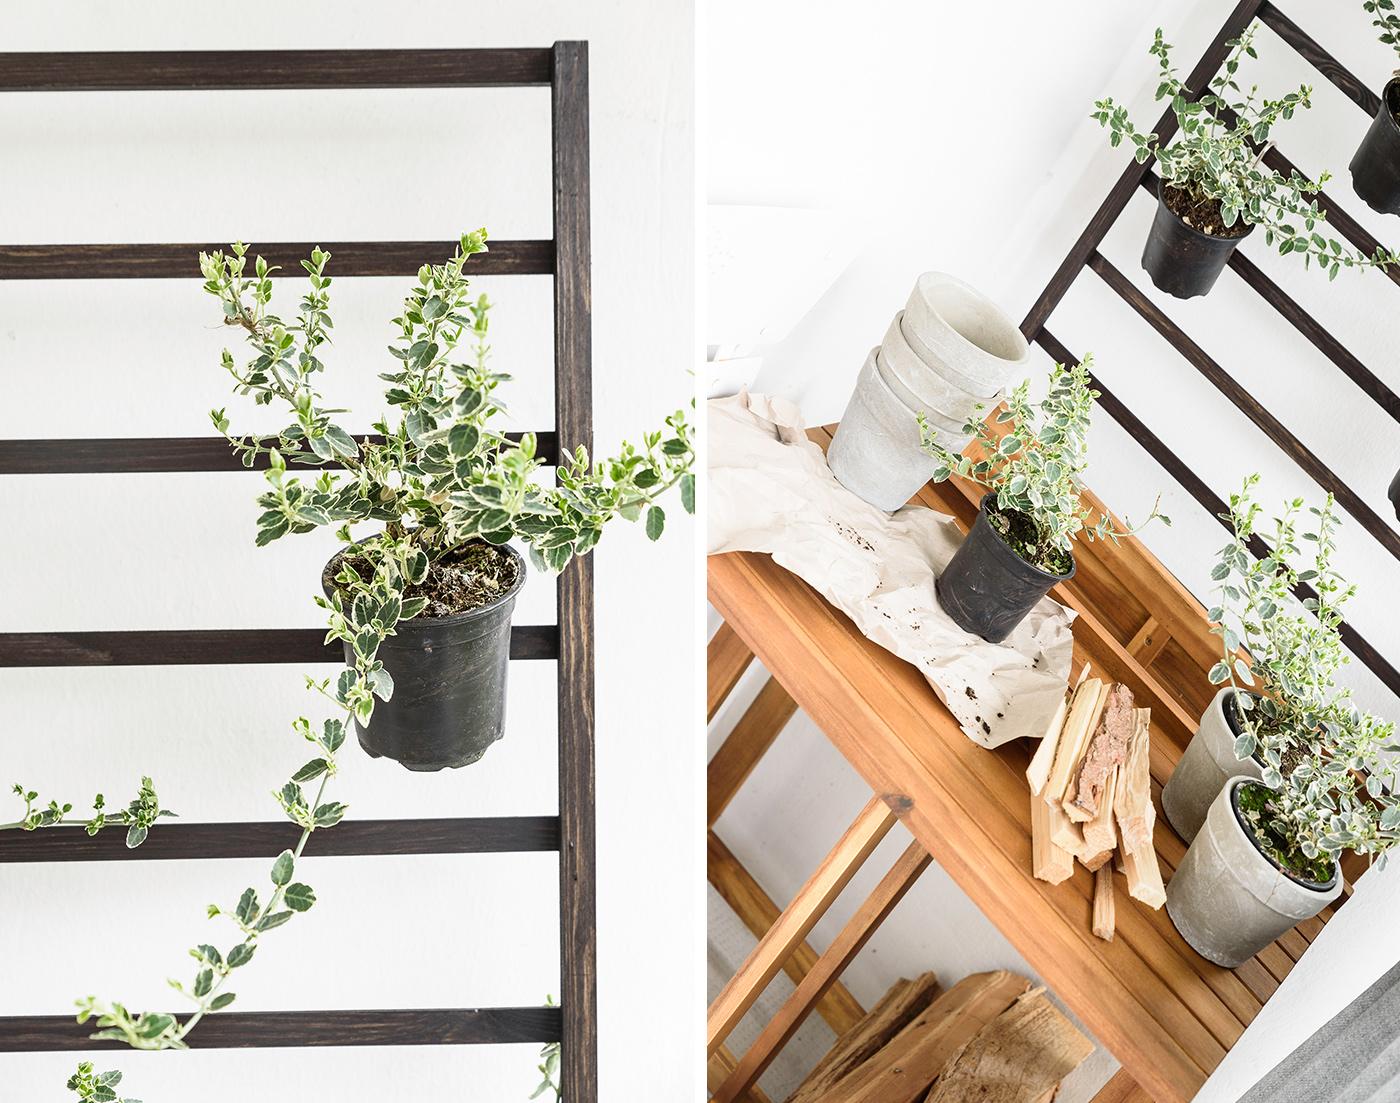 welche balkonpflanzen m gen es sonnig welche lieben den. Black Bedroom Furniture Sets. Home Design Ideas